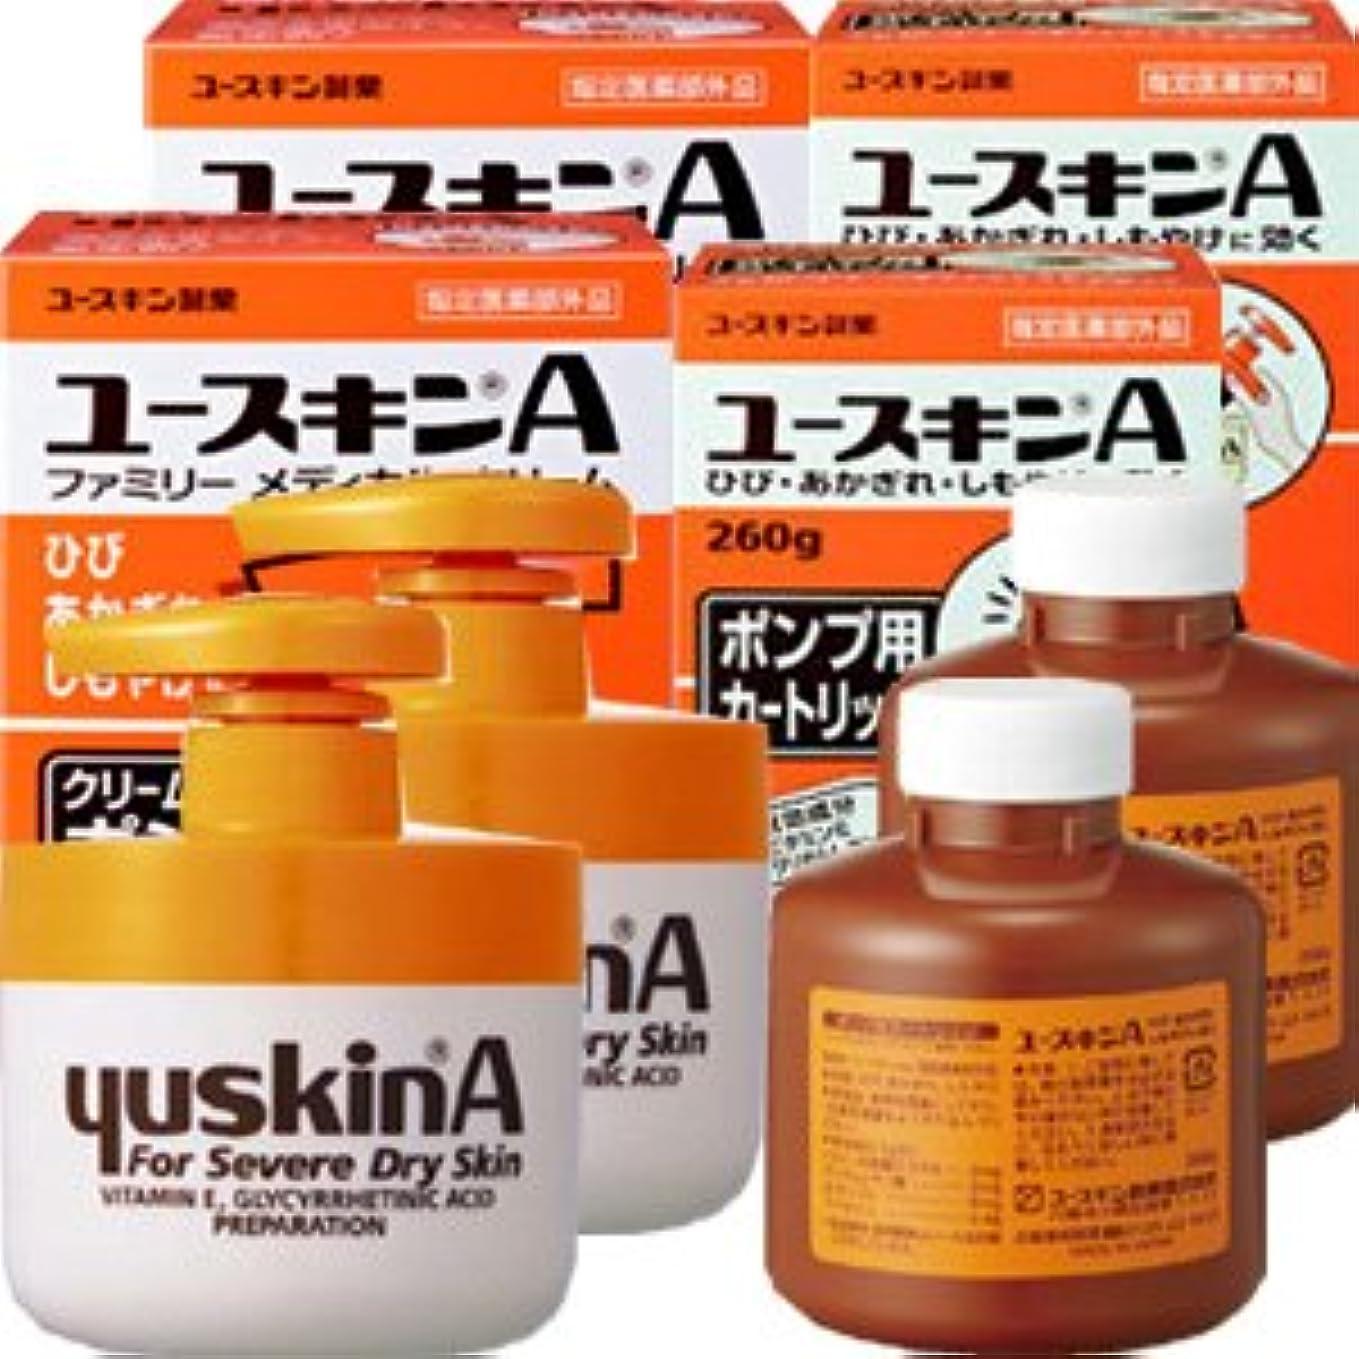 前提条件復活する生産性ユースキンA ポンプ 260gx2個+カートリッジ260gx2個 本体2個と詰替え2個セット